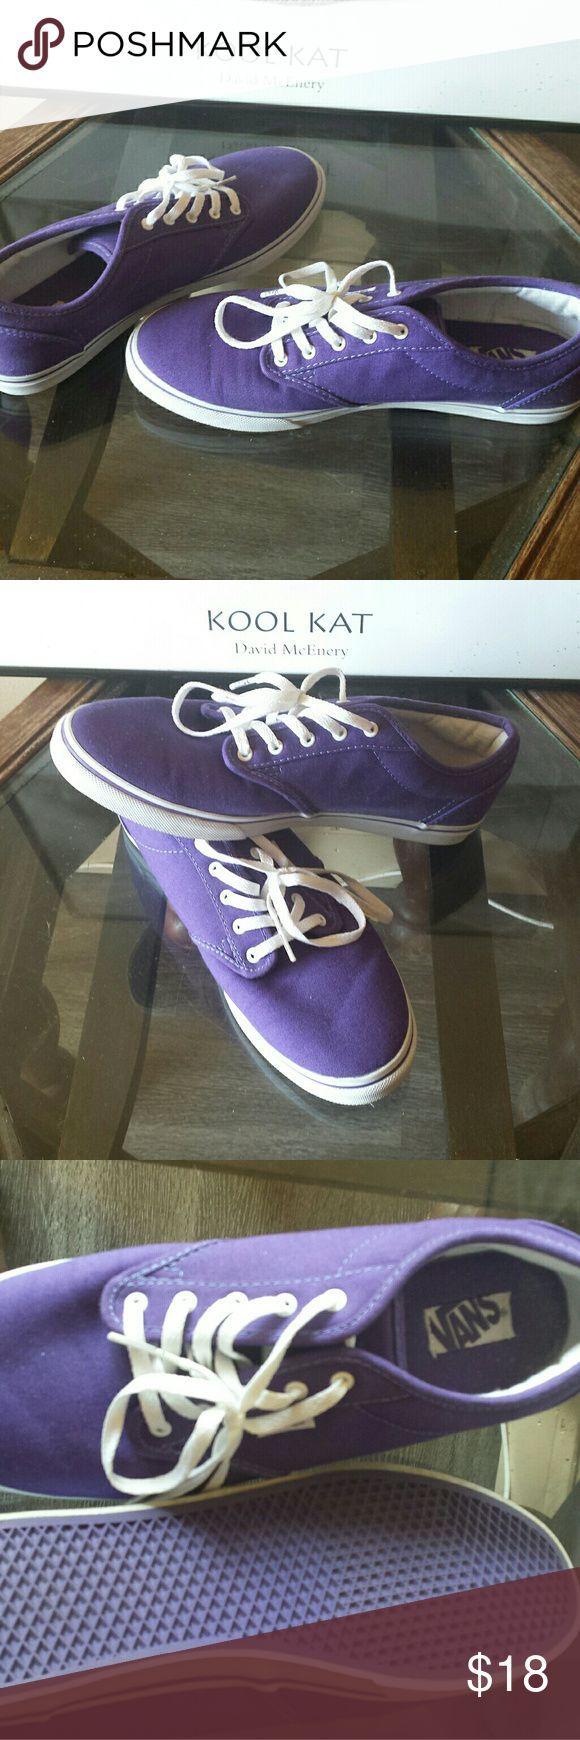 Womens vans sneakers ...size 8.5 Nwot..never worn purple vans..fashionable! Vans Shoes Sneakers